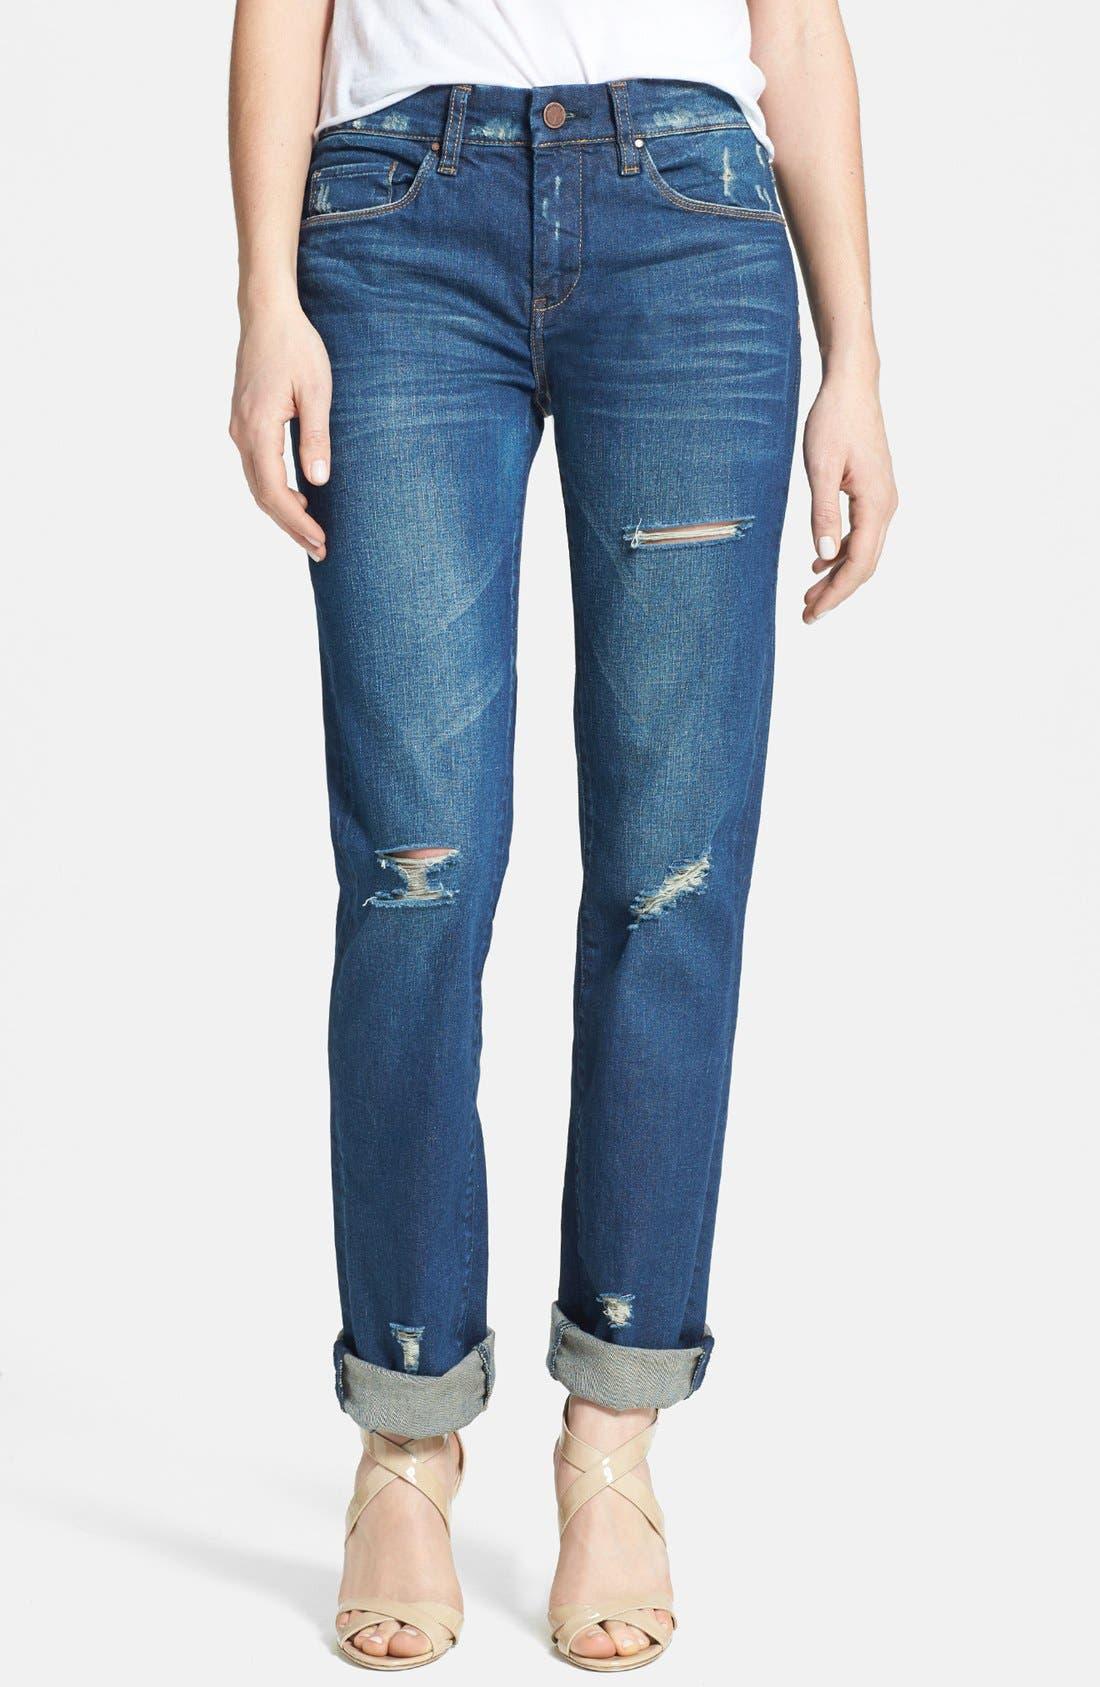 Alternate Image 1 Selected - BLANKNYC Destroyed Boyfriend Jeans (Bushwick Sick)